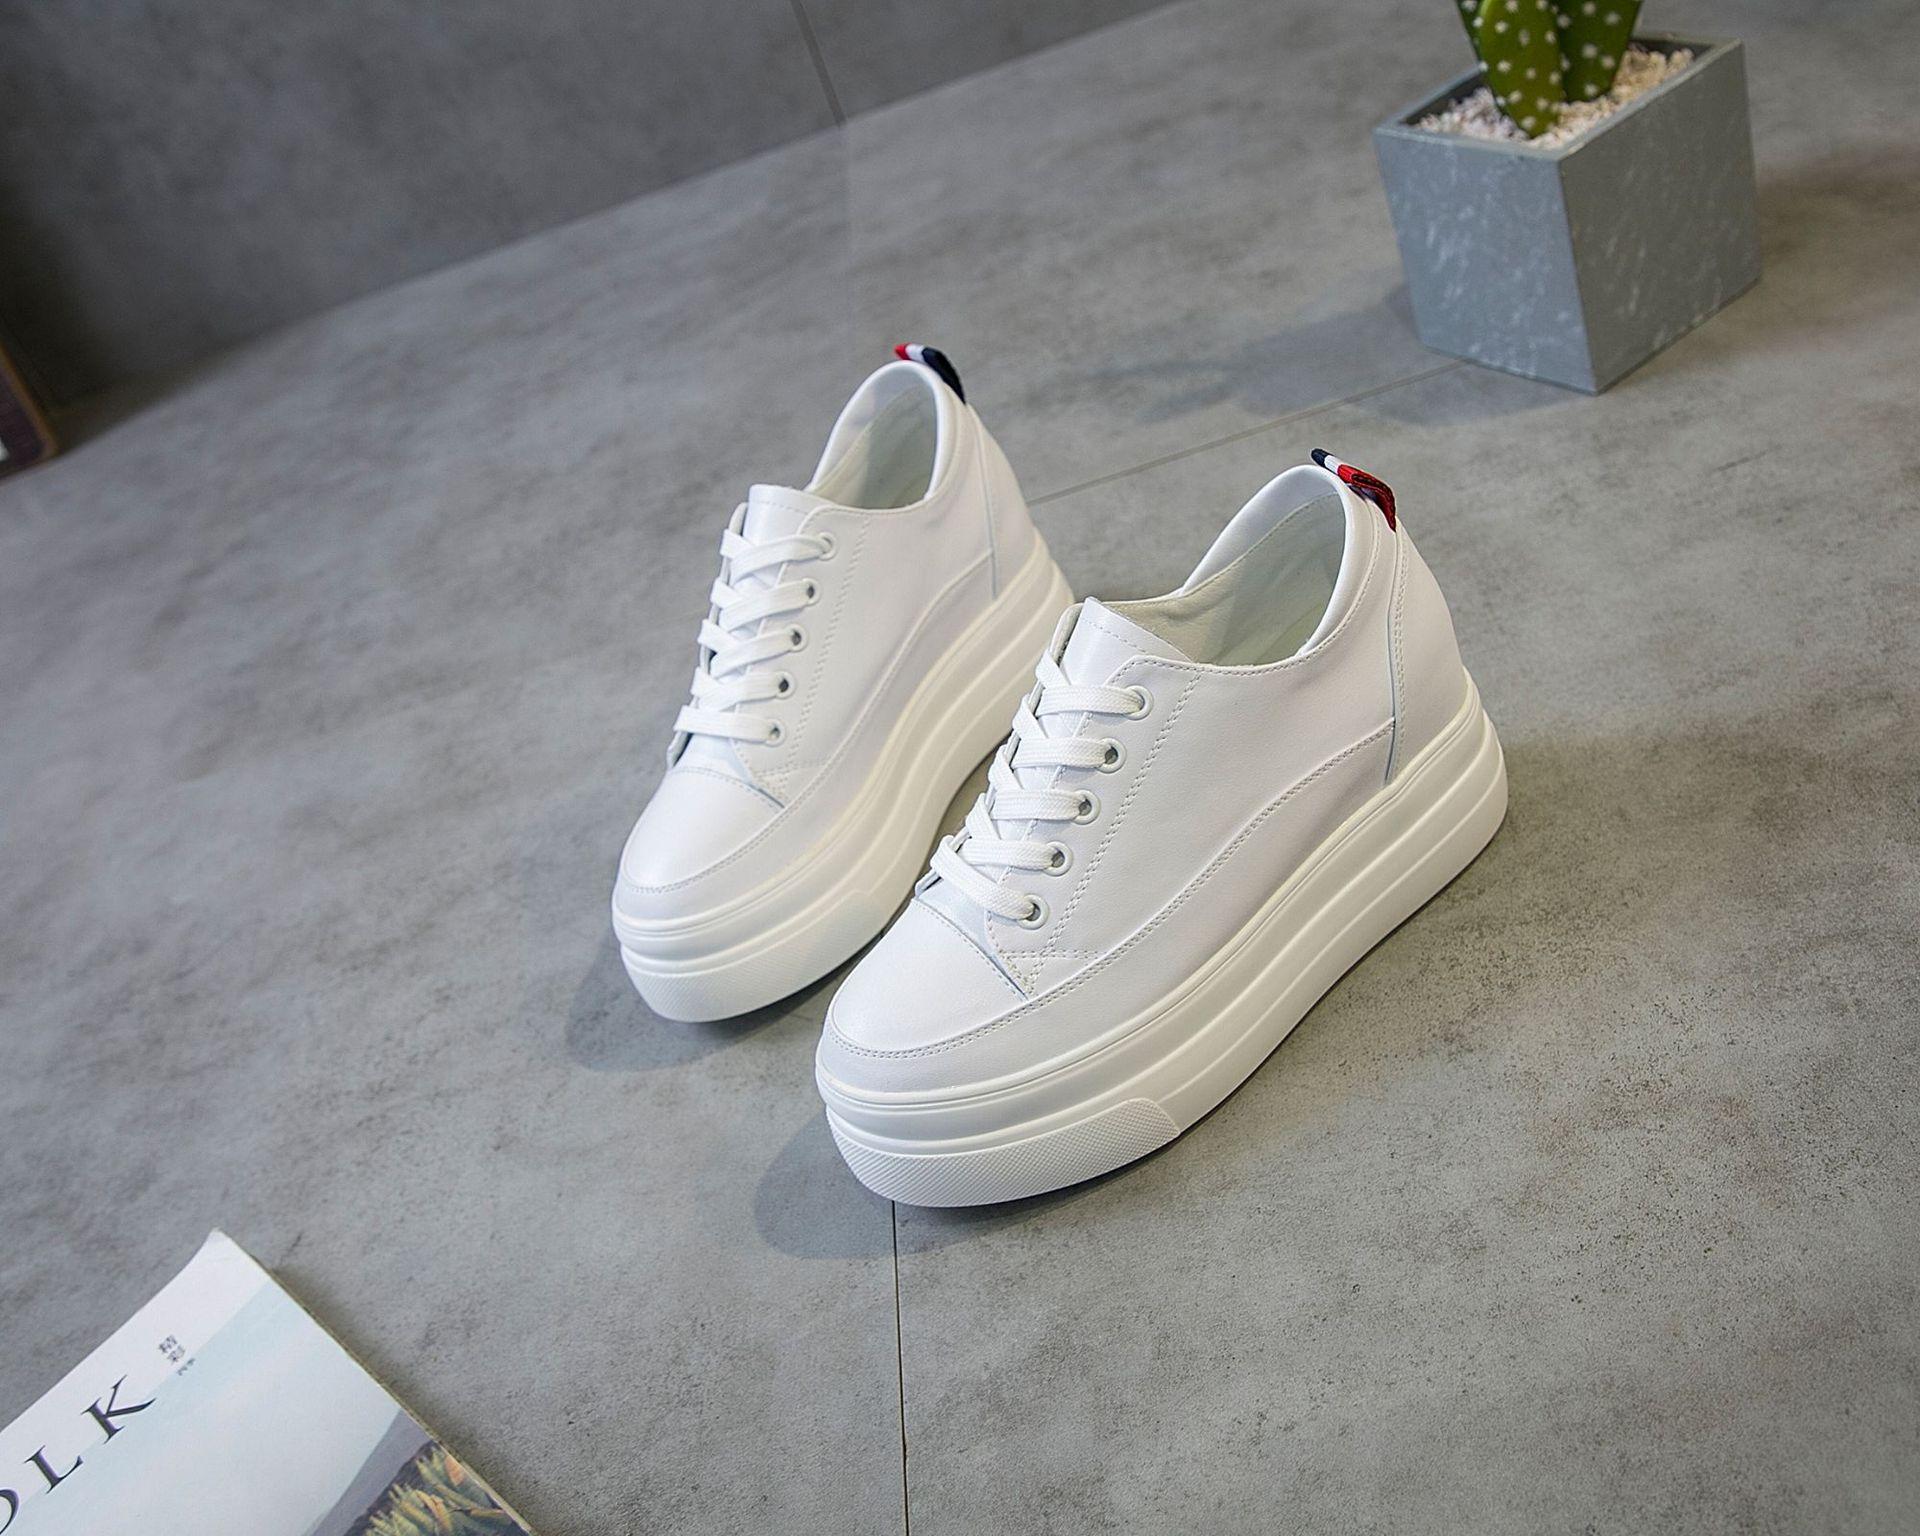 JIADINAMEI Giày tăng chiều cao Giày đế dày màu trắng, giày da, giày nữ cao cấp, 2019, mùa xuân, phiê